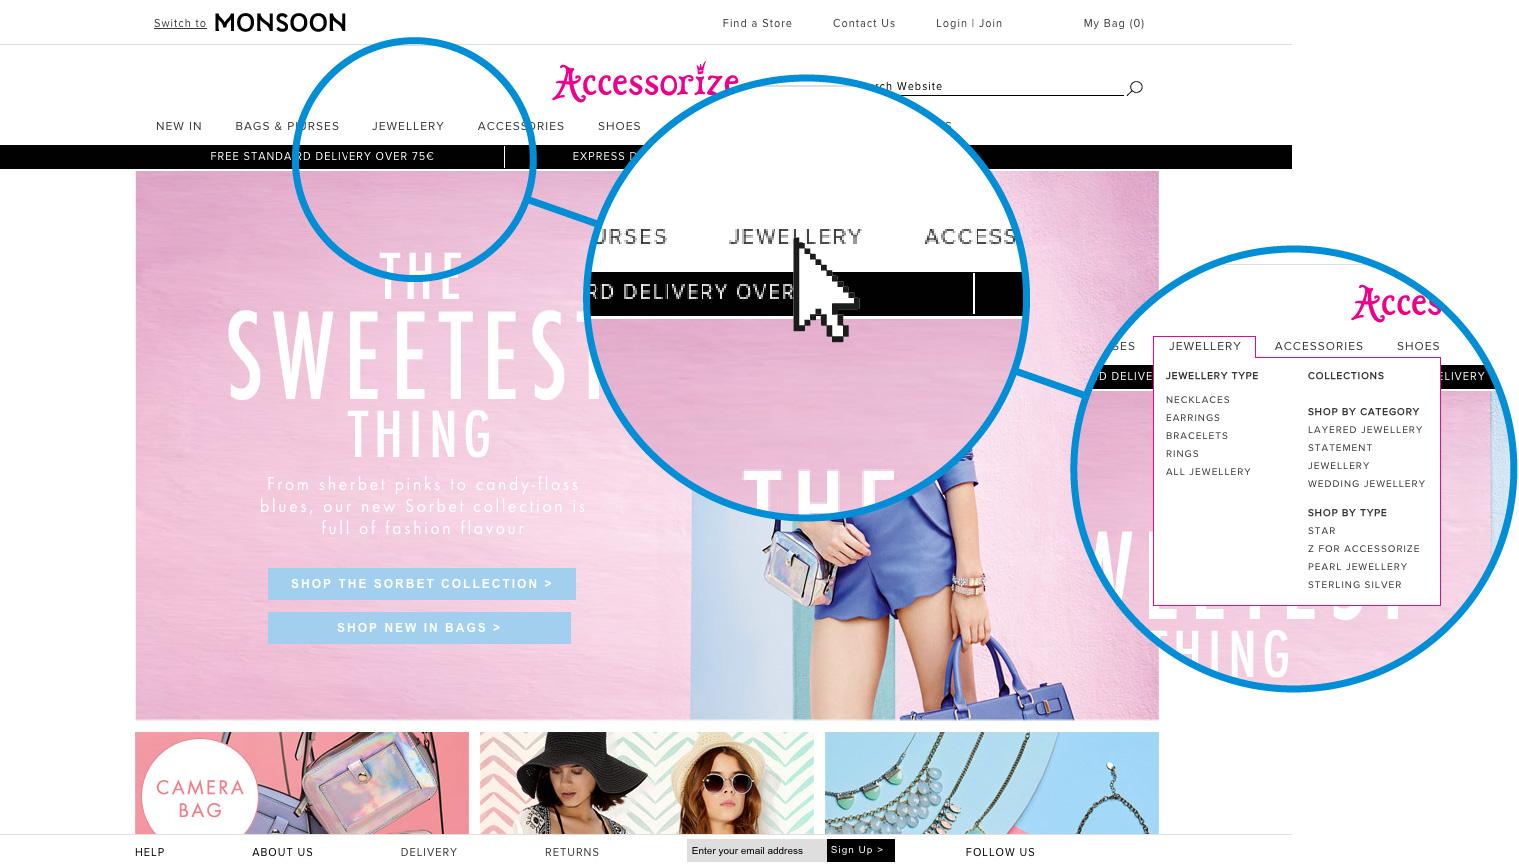 web page check